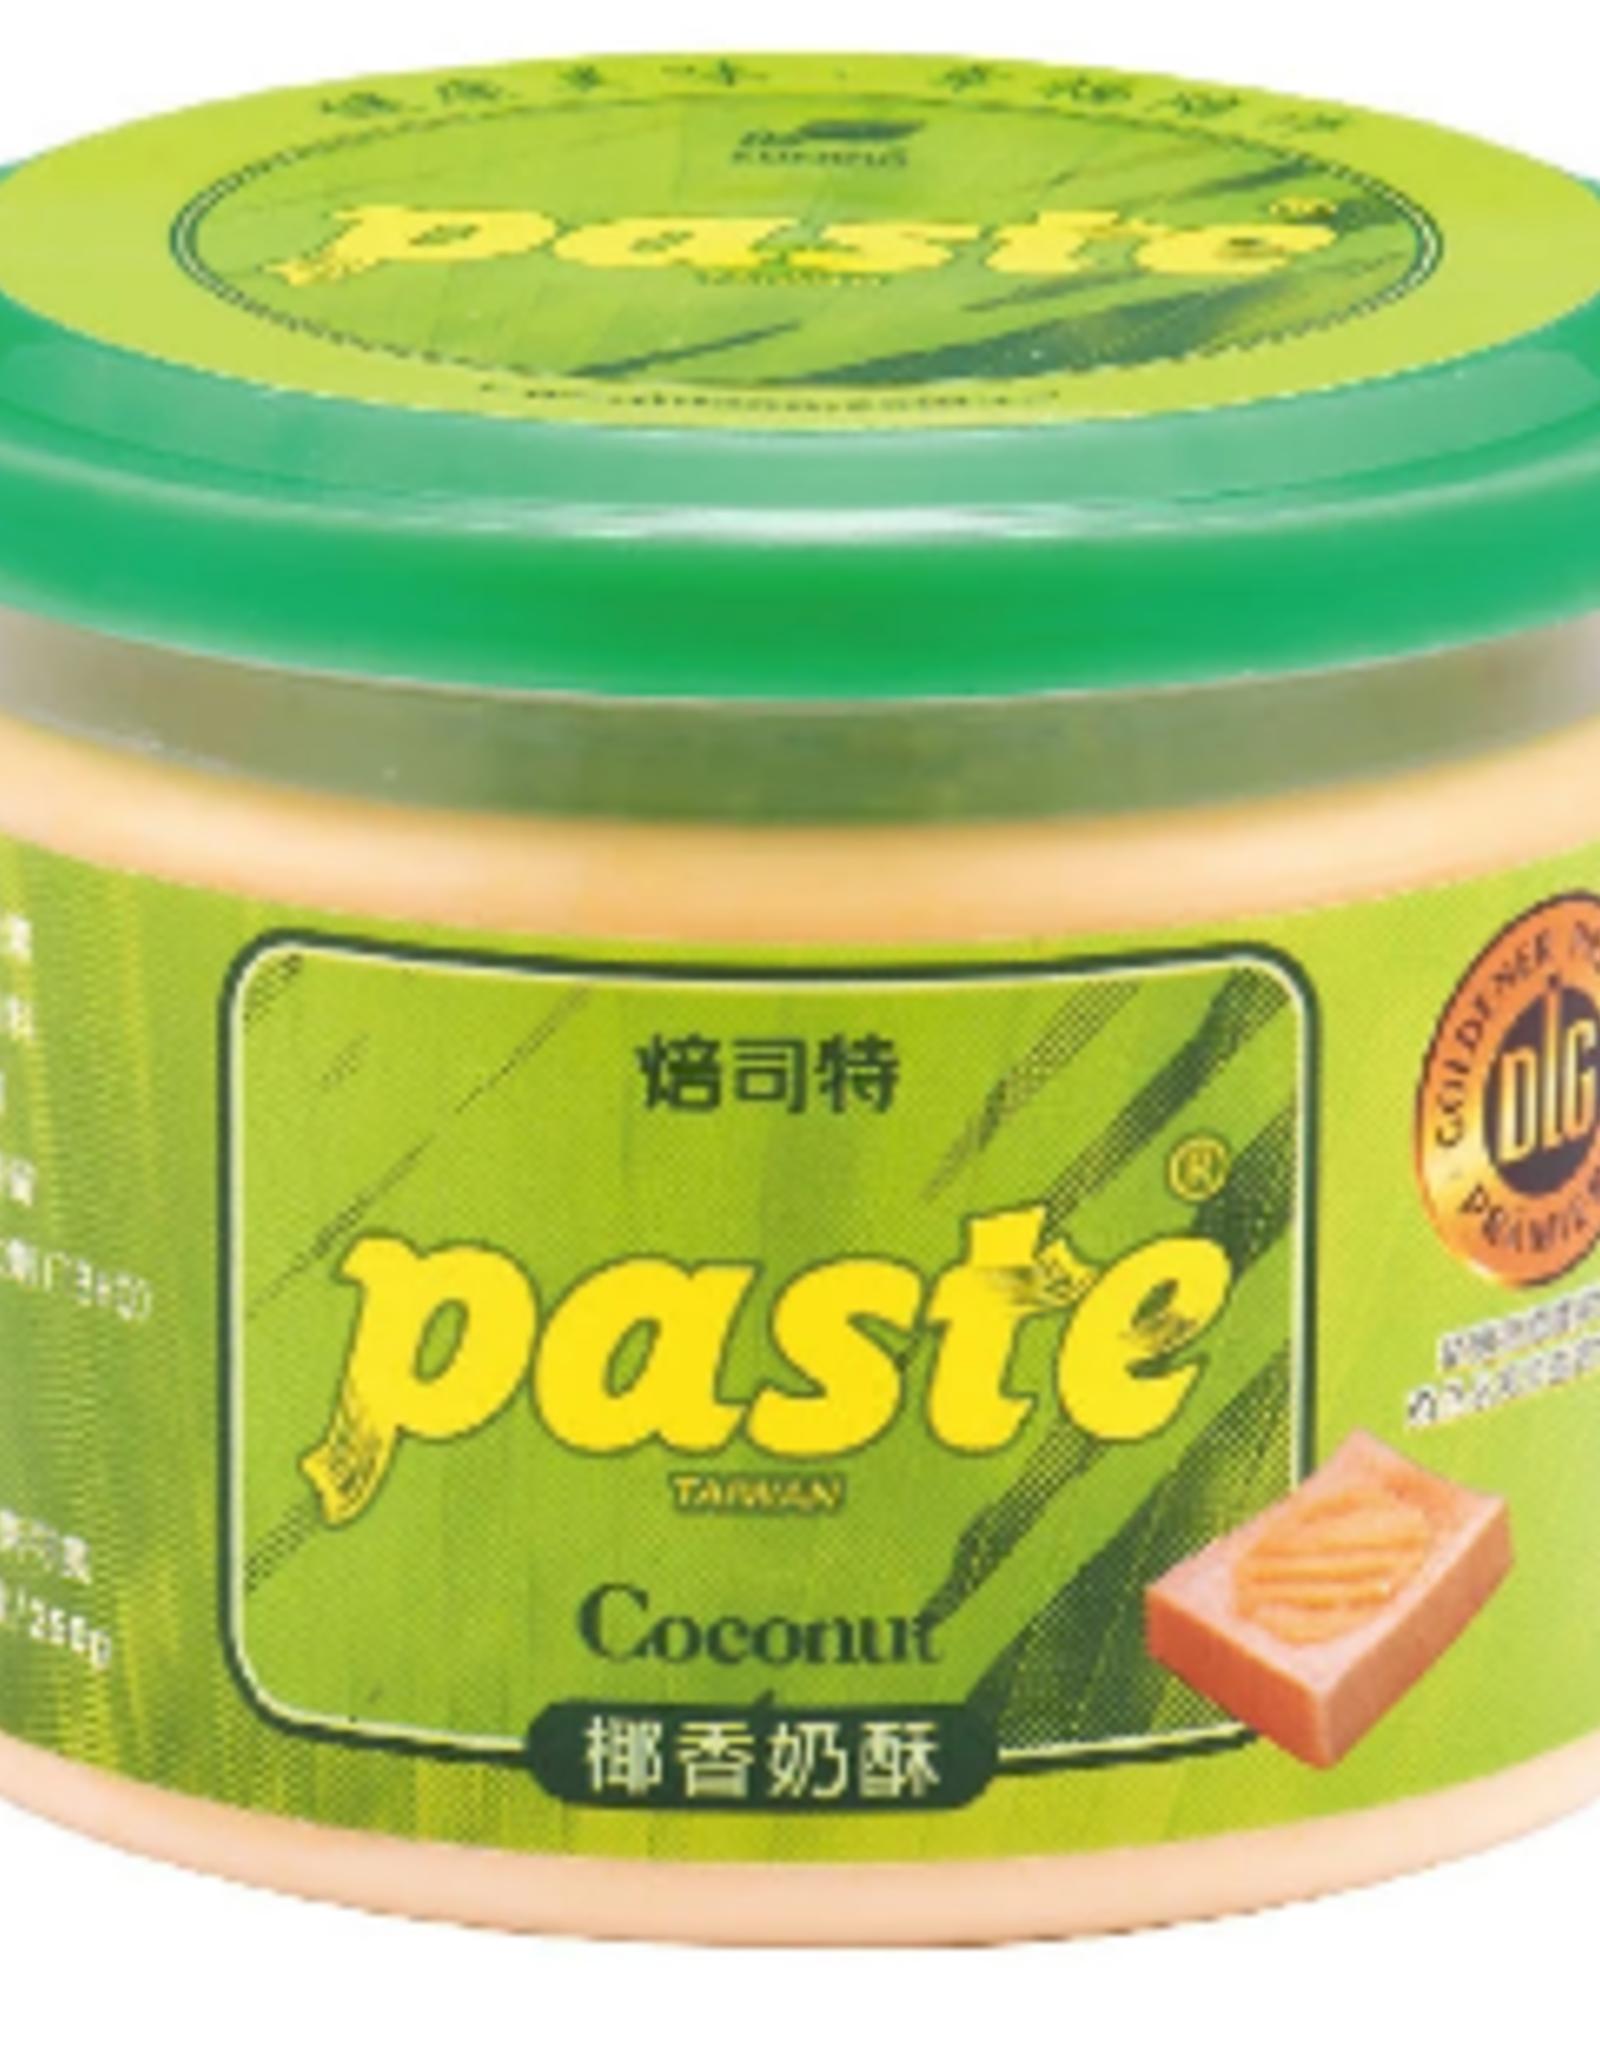 (UK) Vegan Coconut Paste*(焙司特) 椰香奶酥抹醬